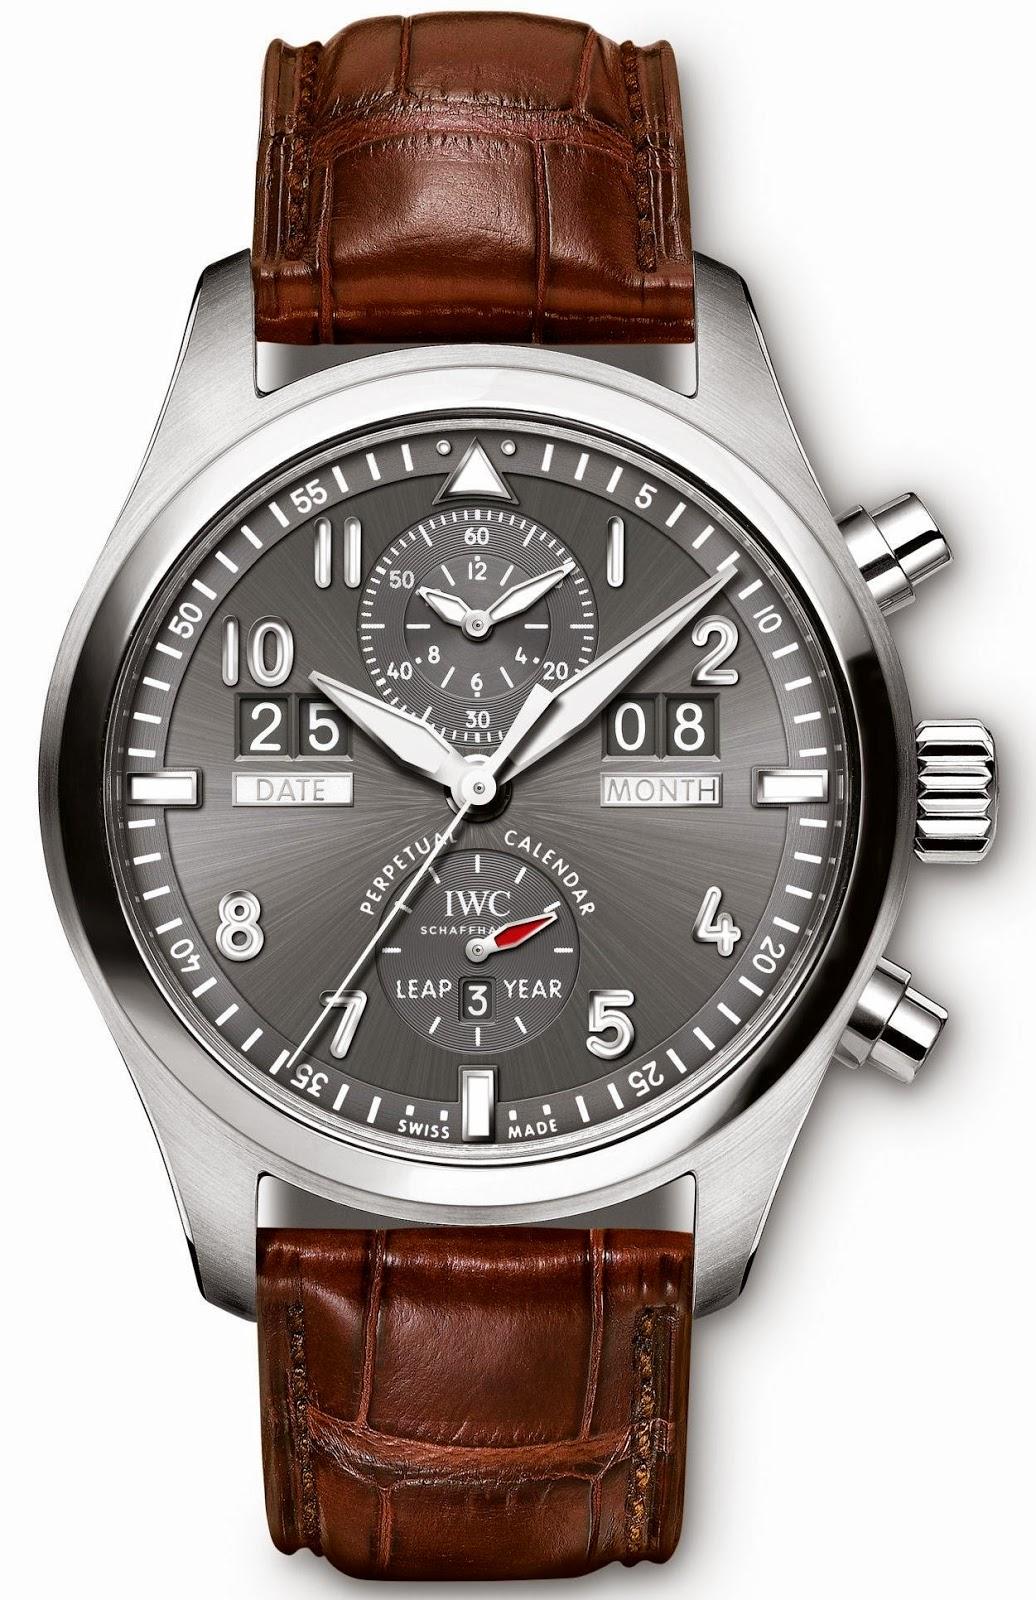 IWC Spitfire Perpetual Calendar Digital Date-Month